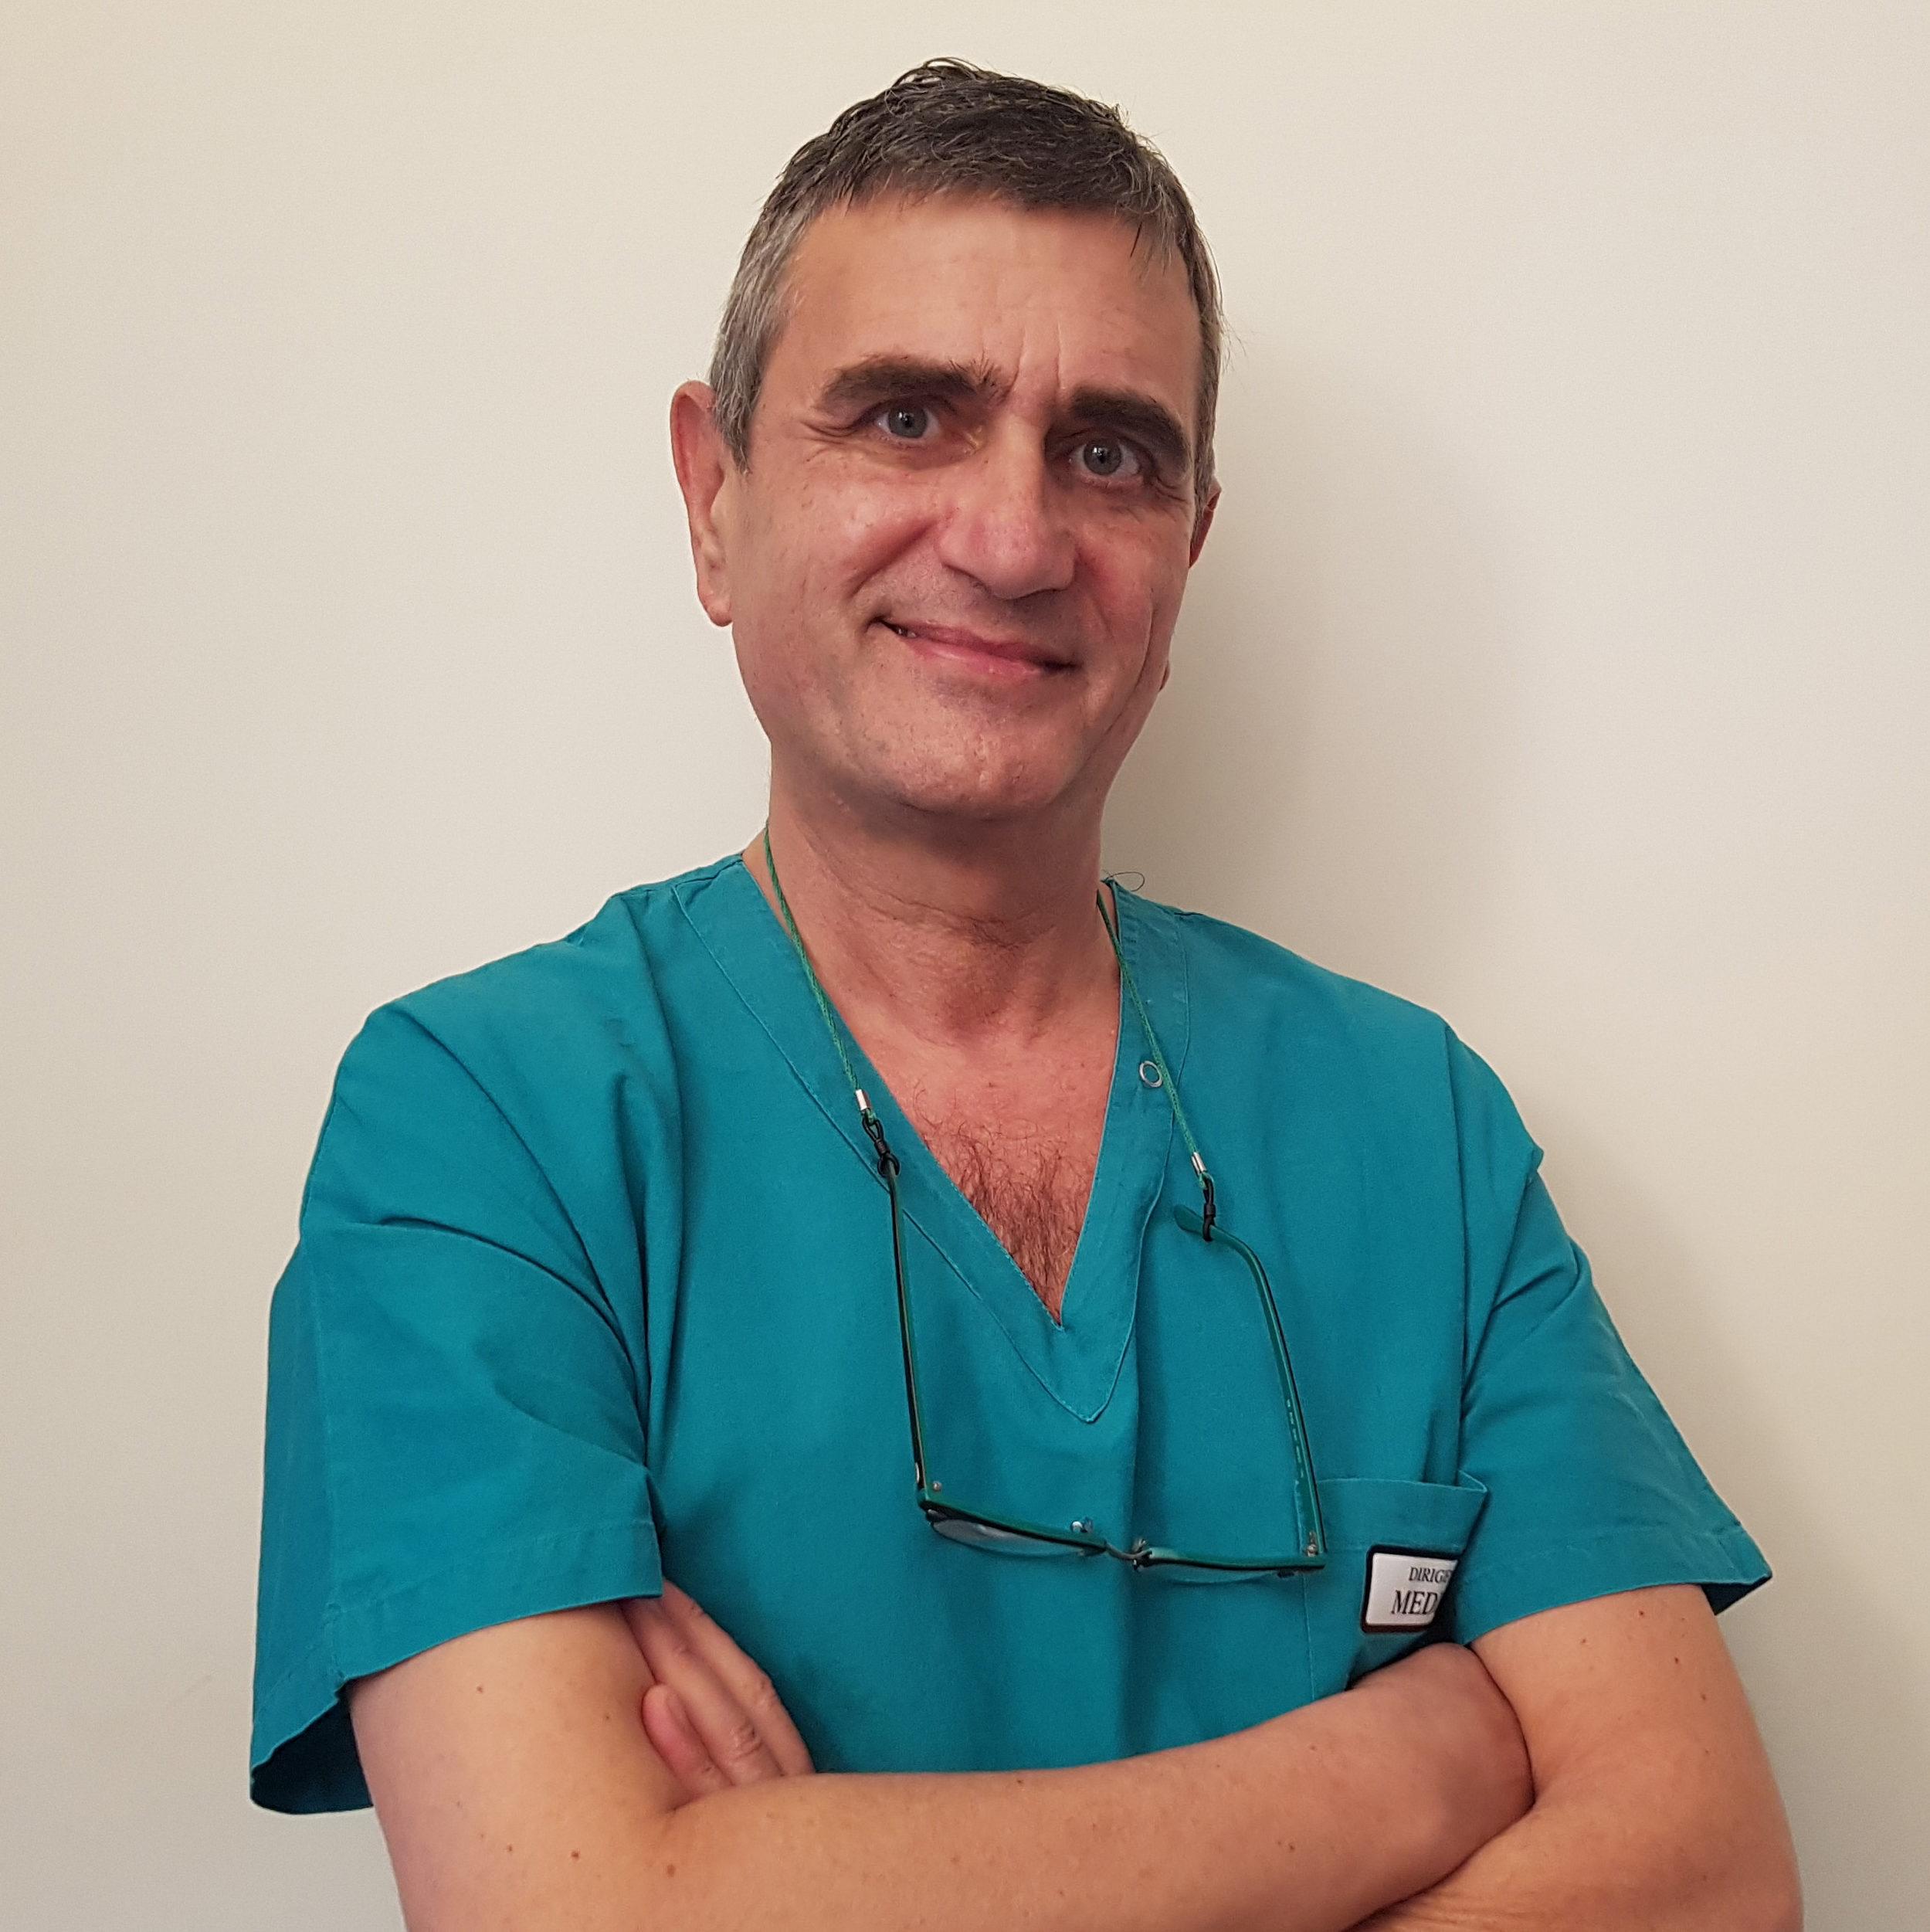 Dr. Enrico Moranti